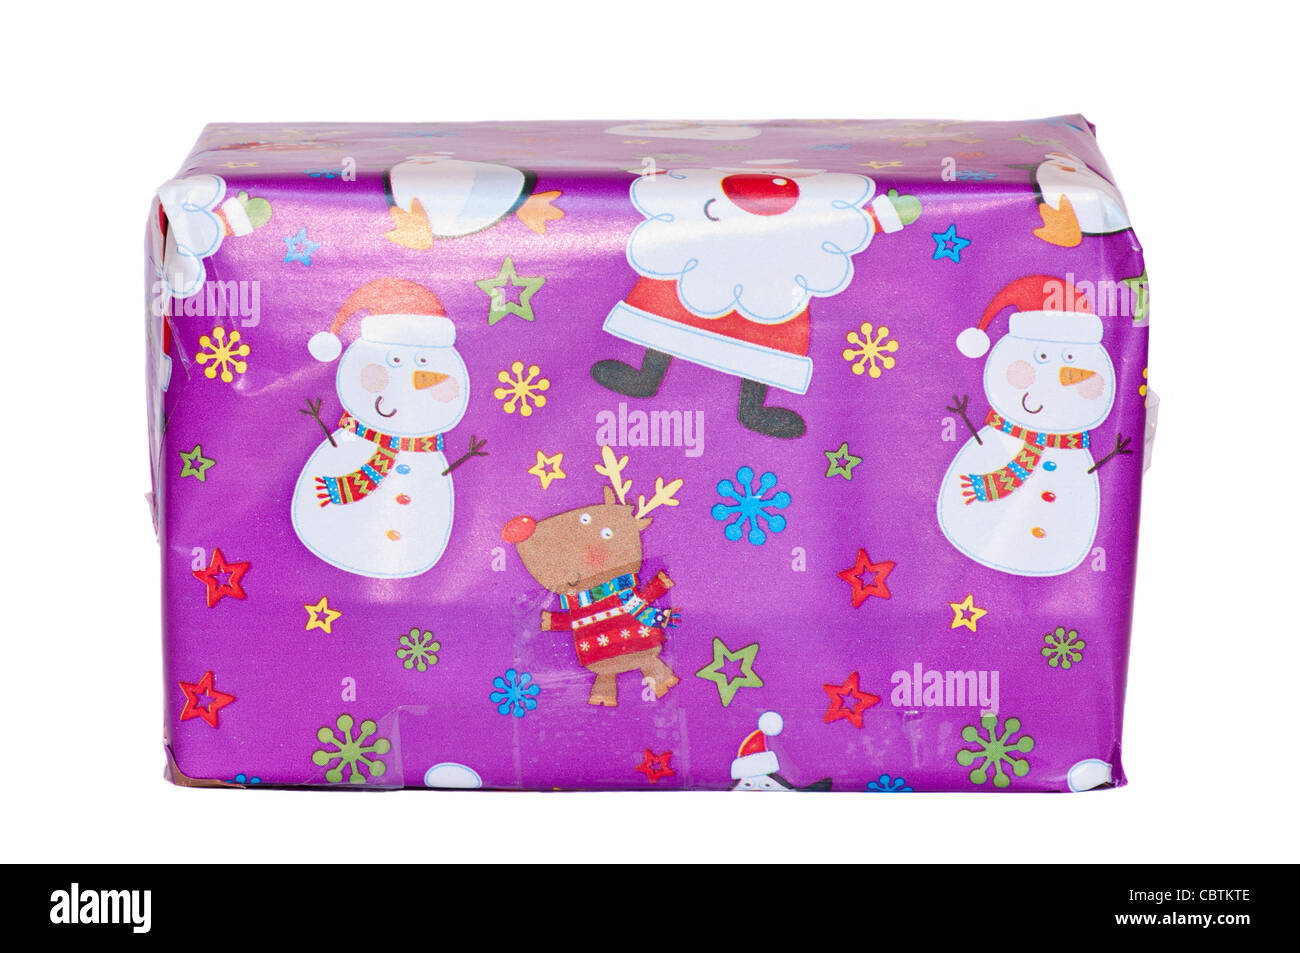 Regalo de navidad envuelto en papel de envolver regalos de Navidad Imagen De Stock